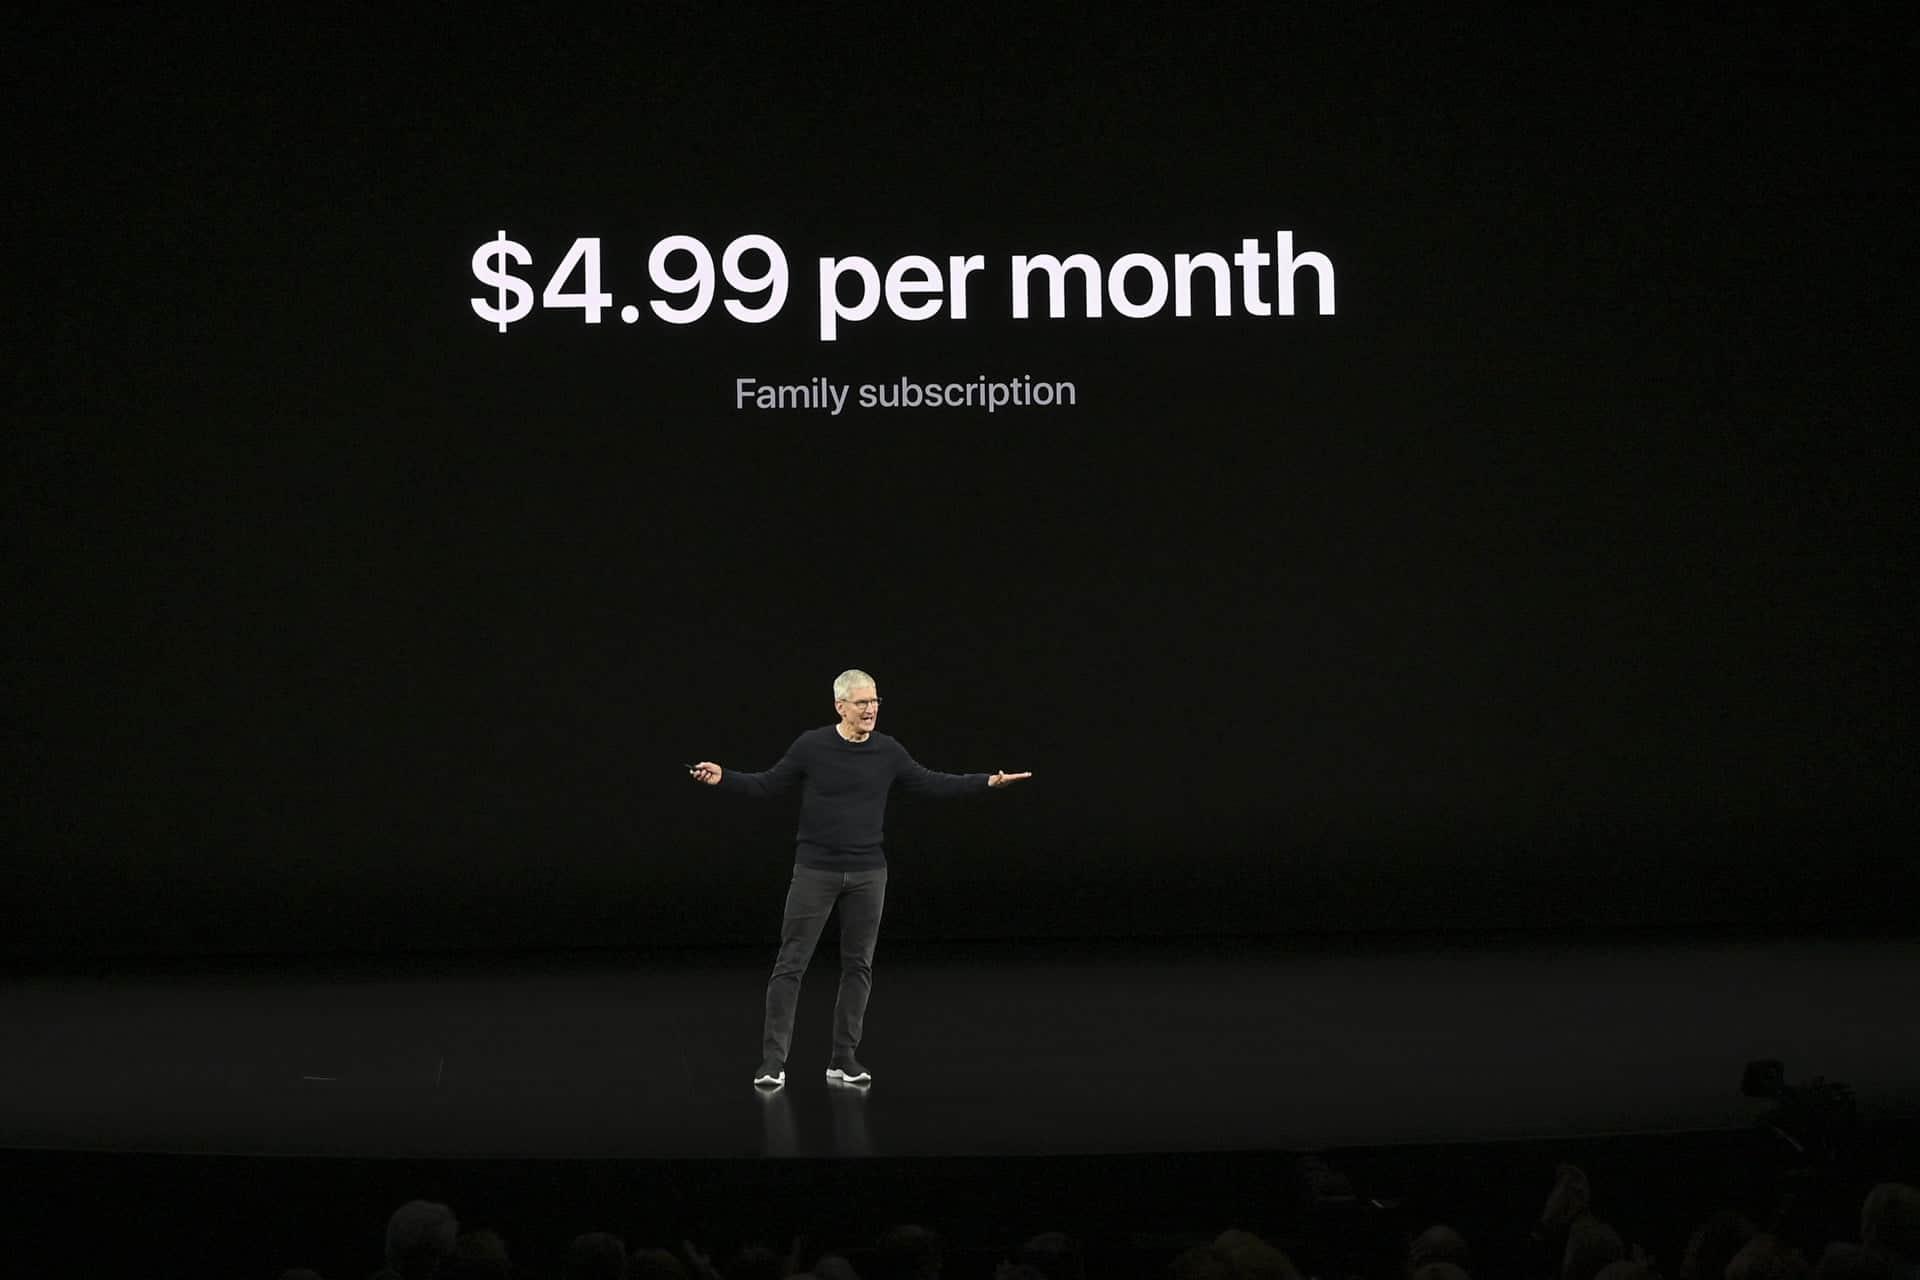 Apple TV Plus Vs Netflix Vs Prime Vs Hotstar: Apple TV+ giving a tough fight